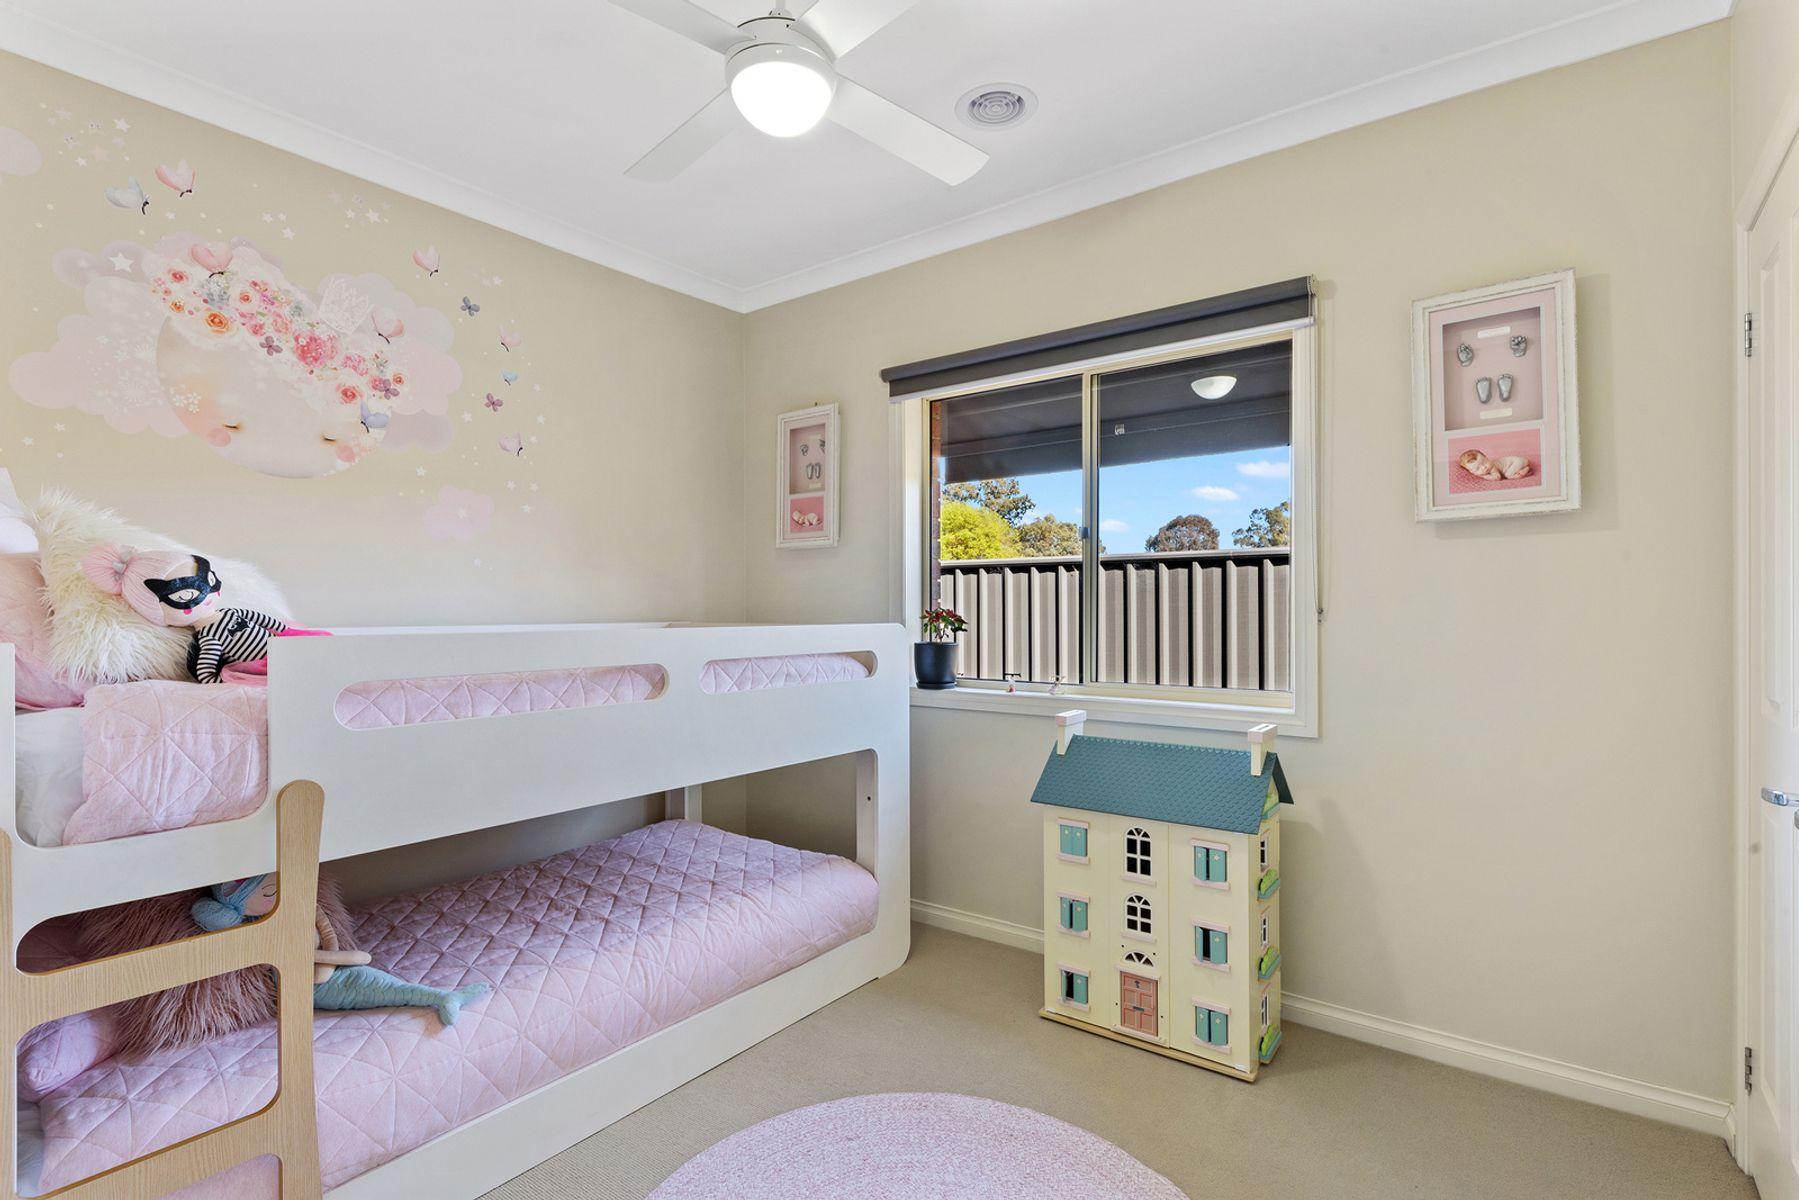 6 Magpie Court, Strathfieldsaye, VIC 3551